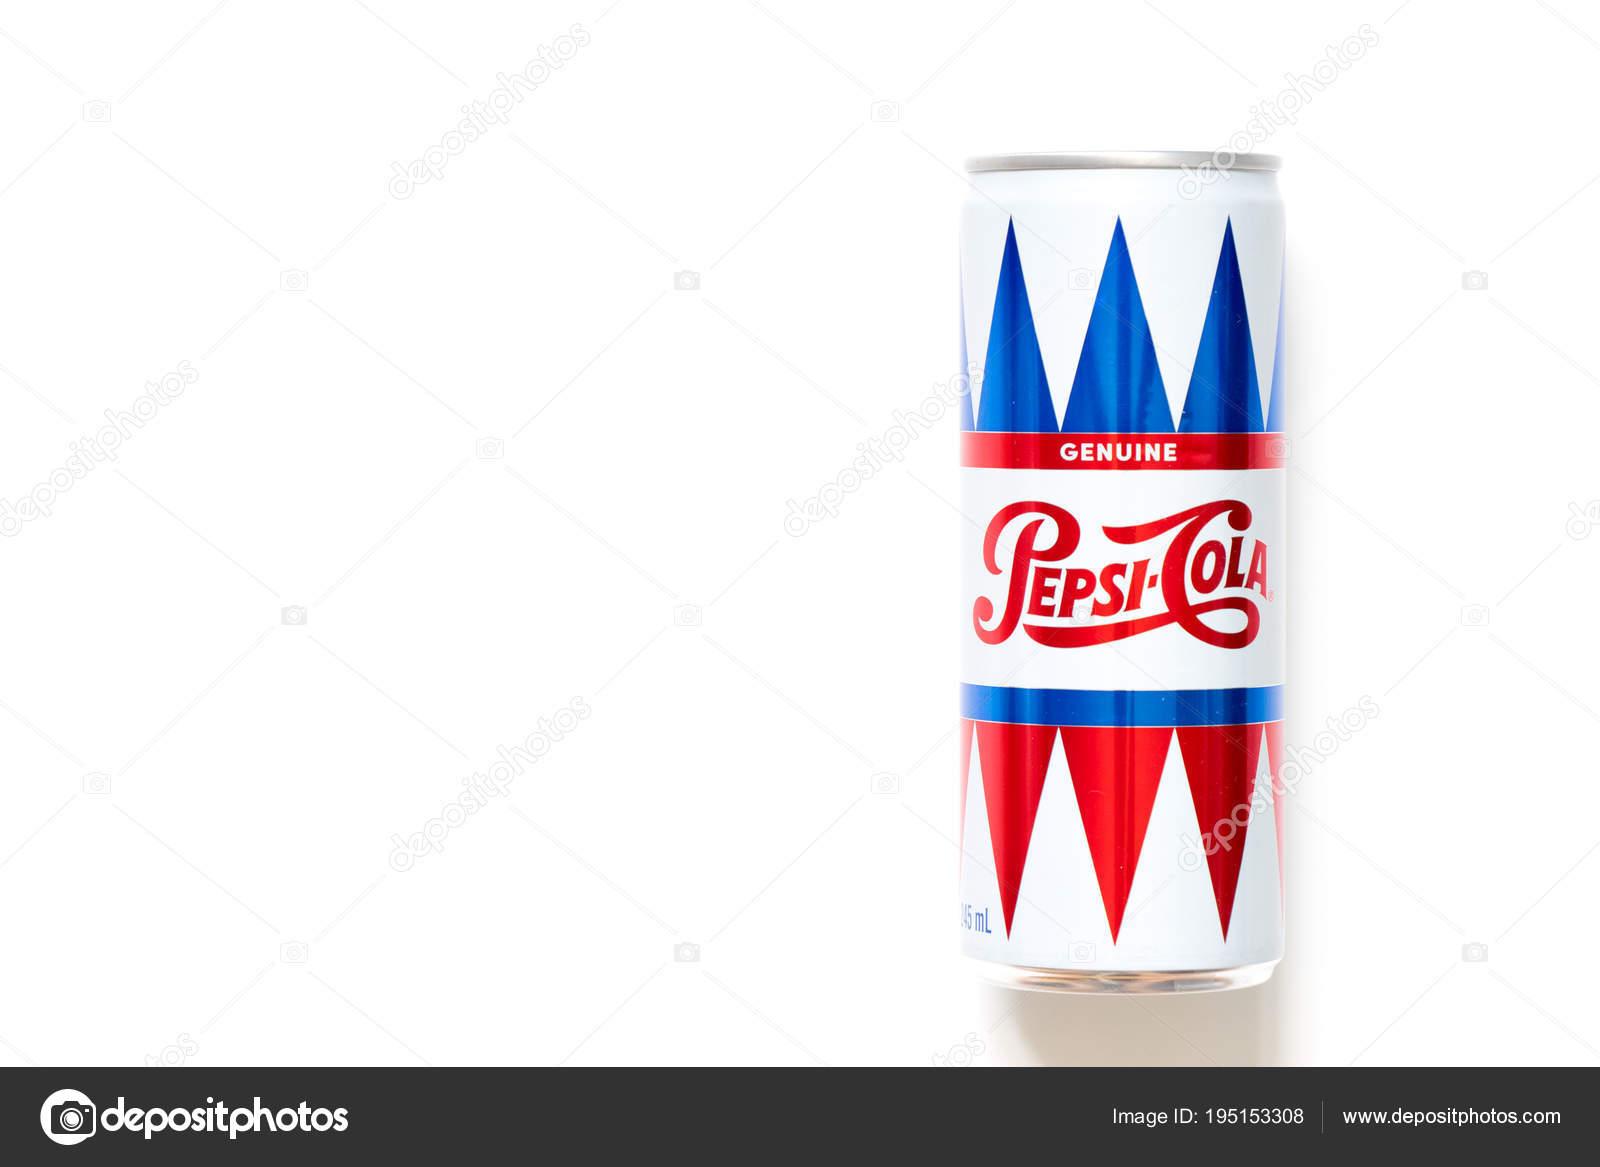 Bangkok, Thailand, March 16, 2018 : Pepsi cola aluminium can size